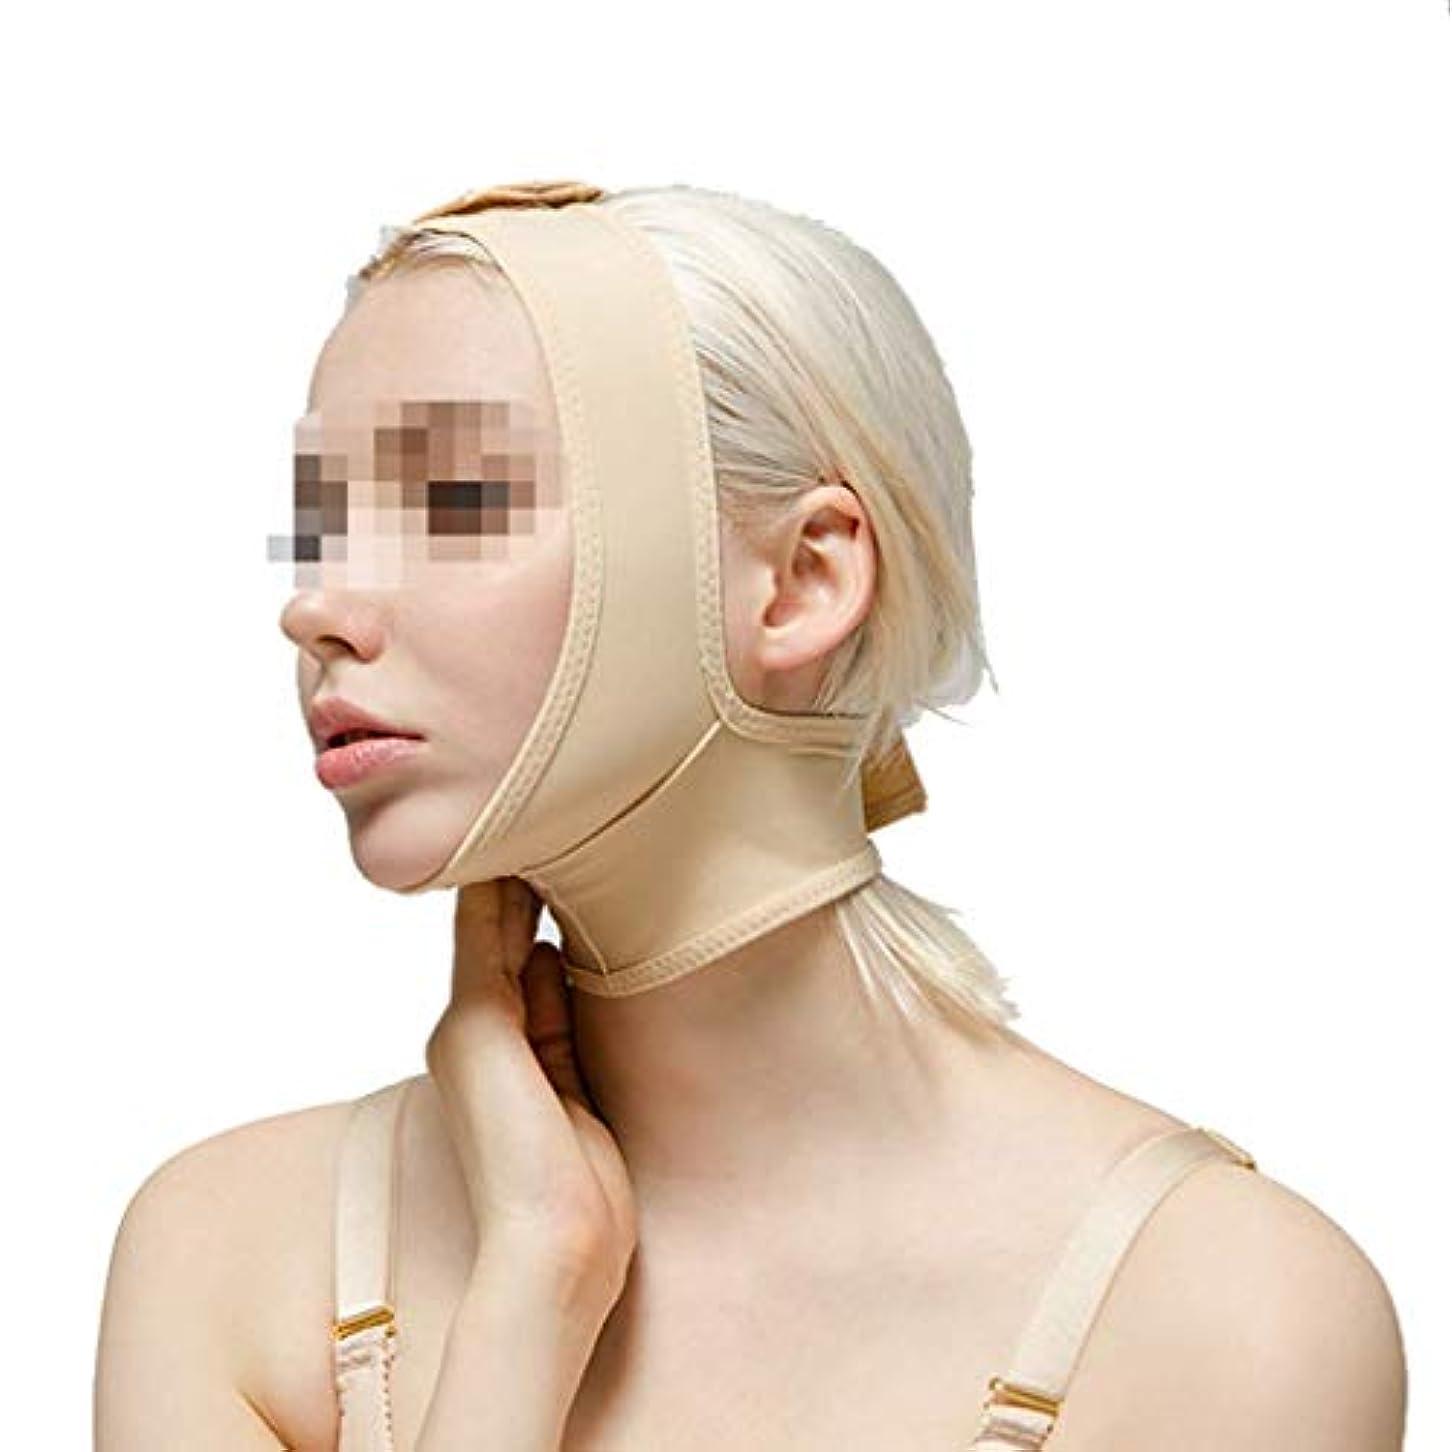 主張する無臭ポテト術後伸縮性スリーブ、下顎束フェイスバンデージフェイシャルビームダブルチンシンフェイスマスクマルチサイズオプション(サイズ:L),XL